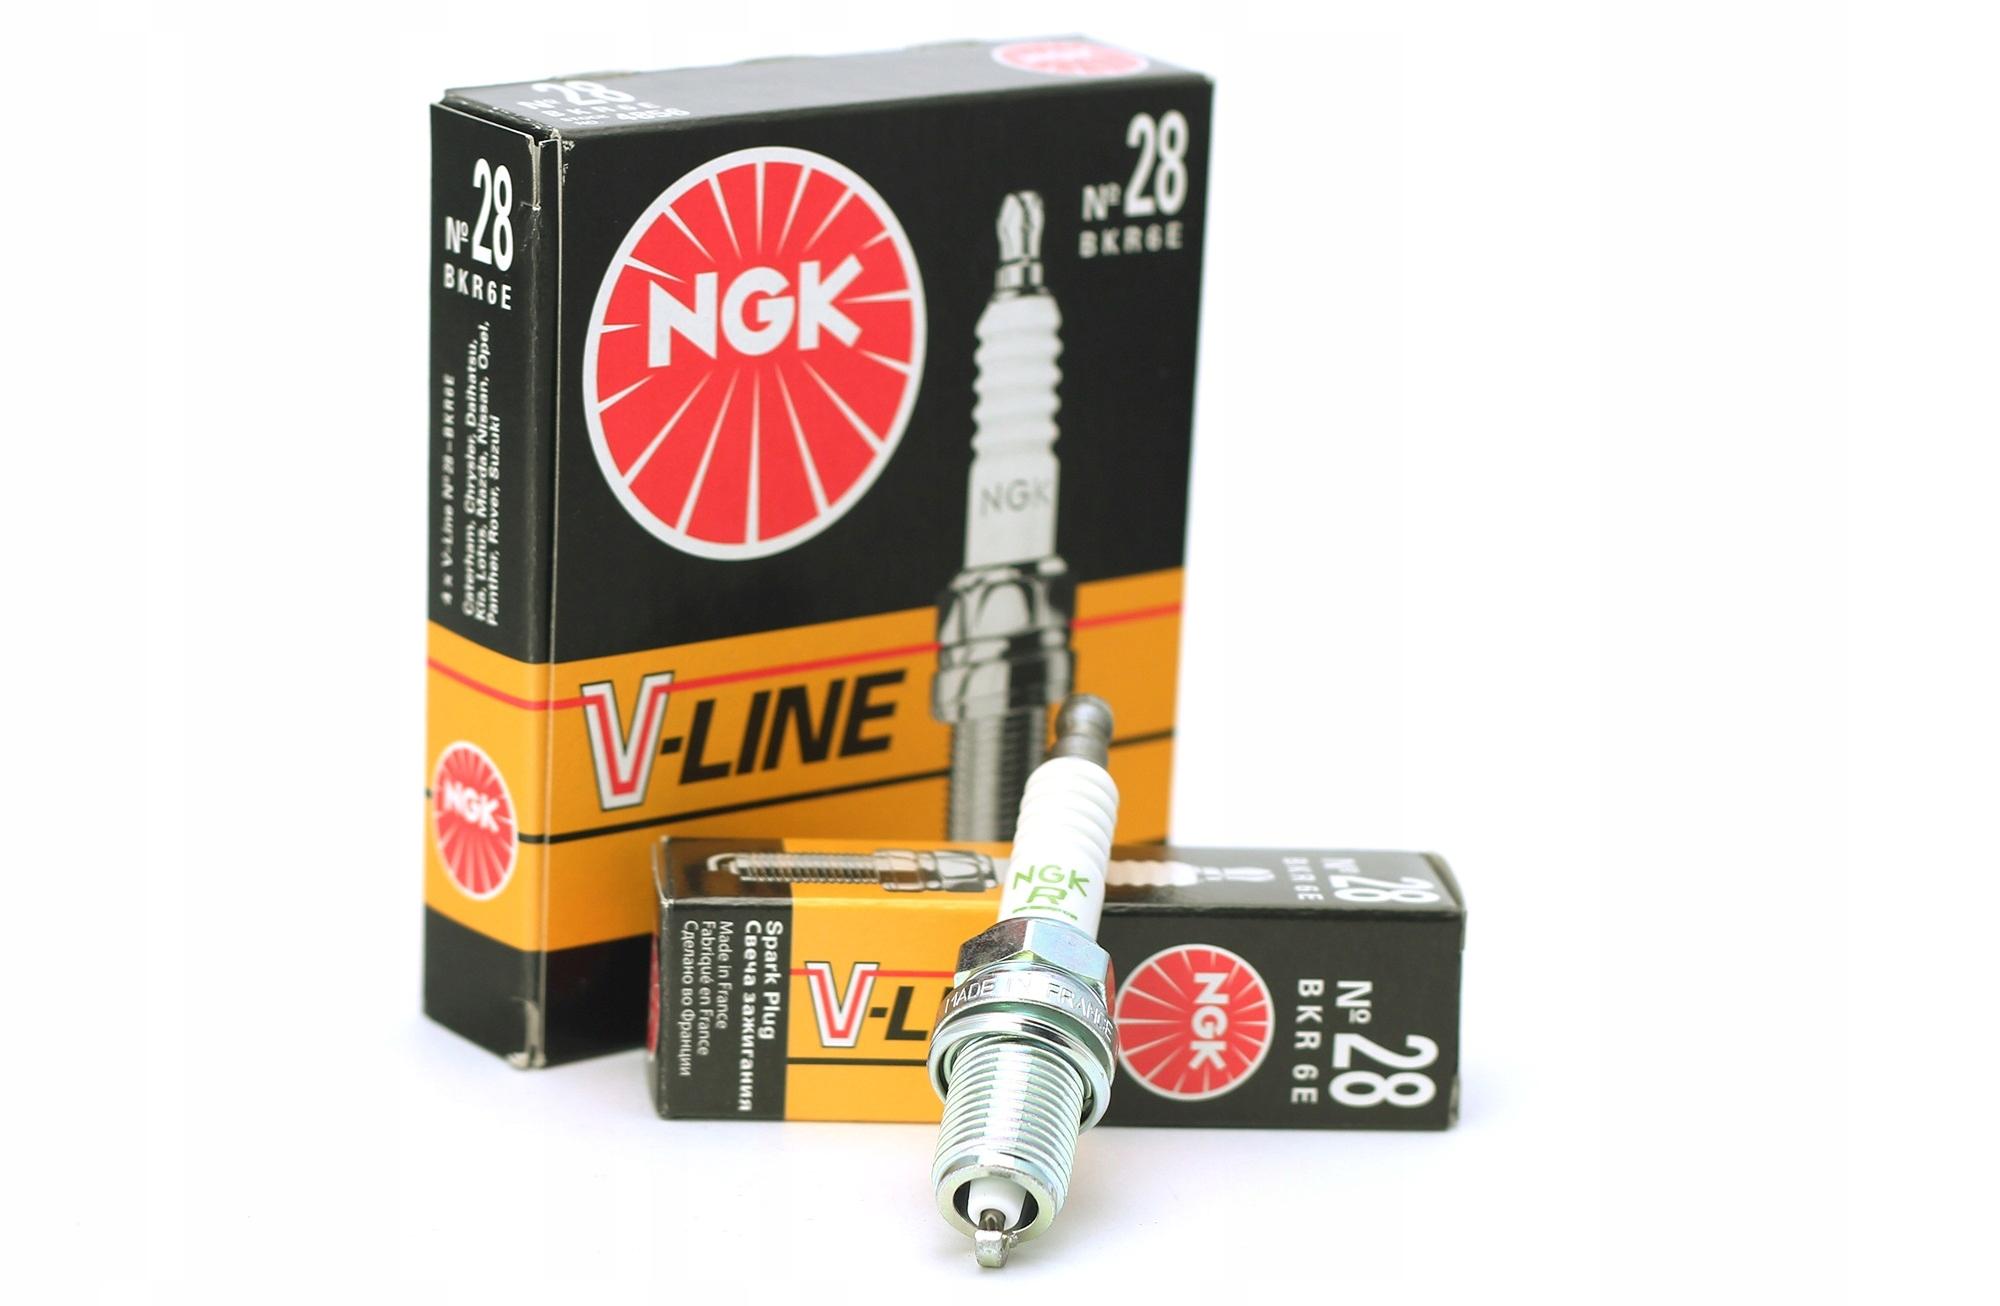 Свеча зажигания ngk v-line 28 bkr6e 4856